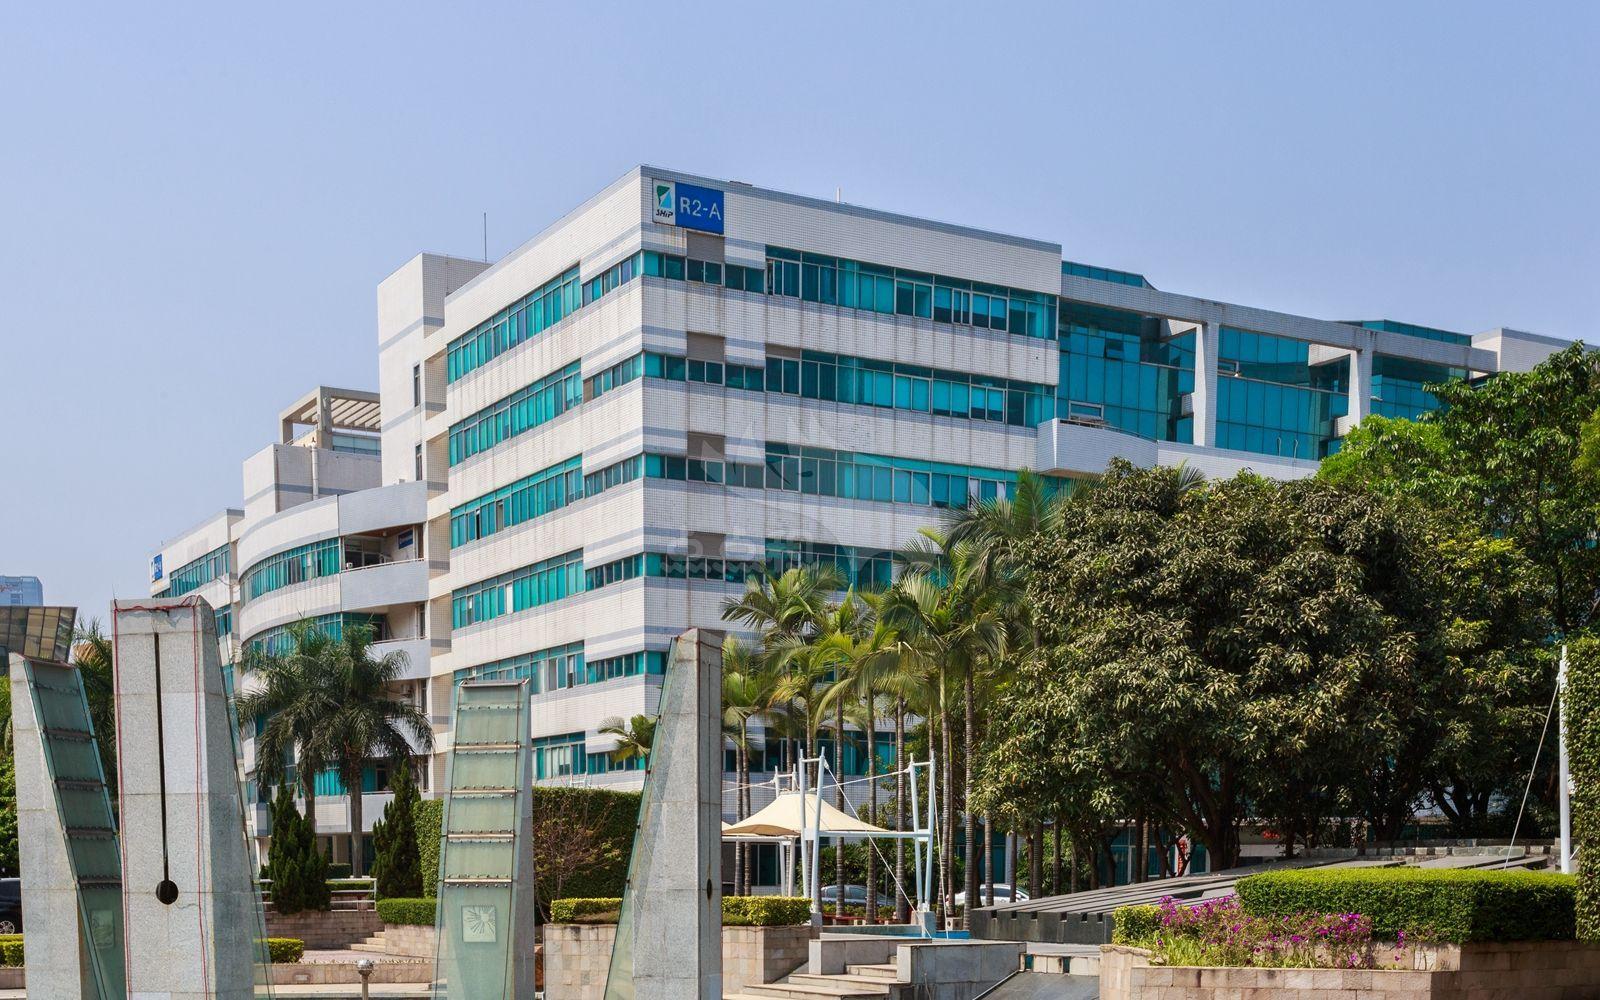 虚拟大学园R2